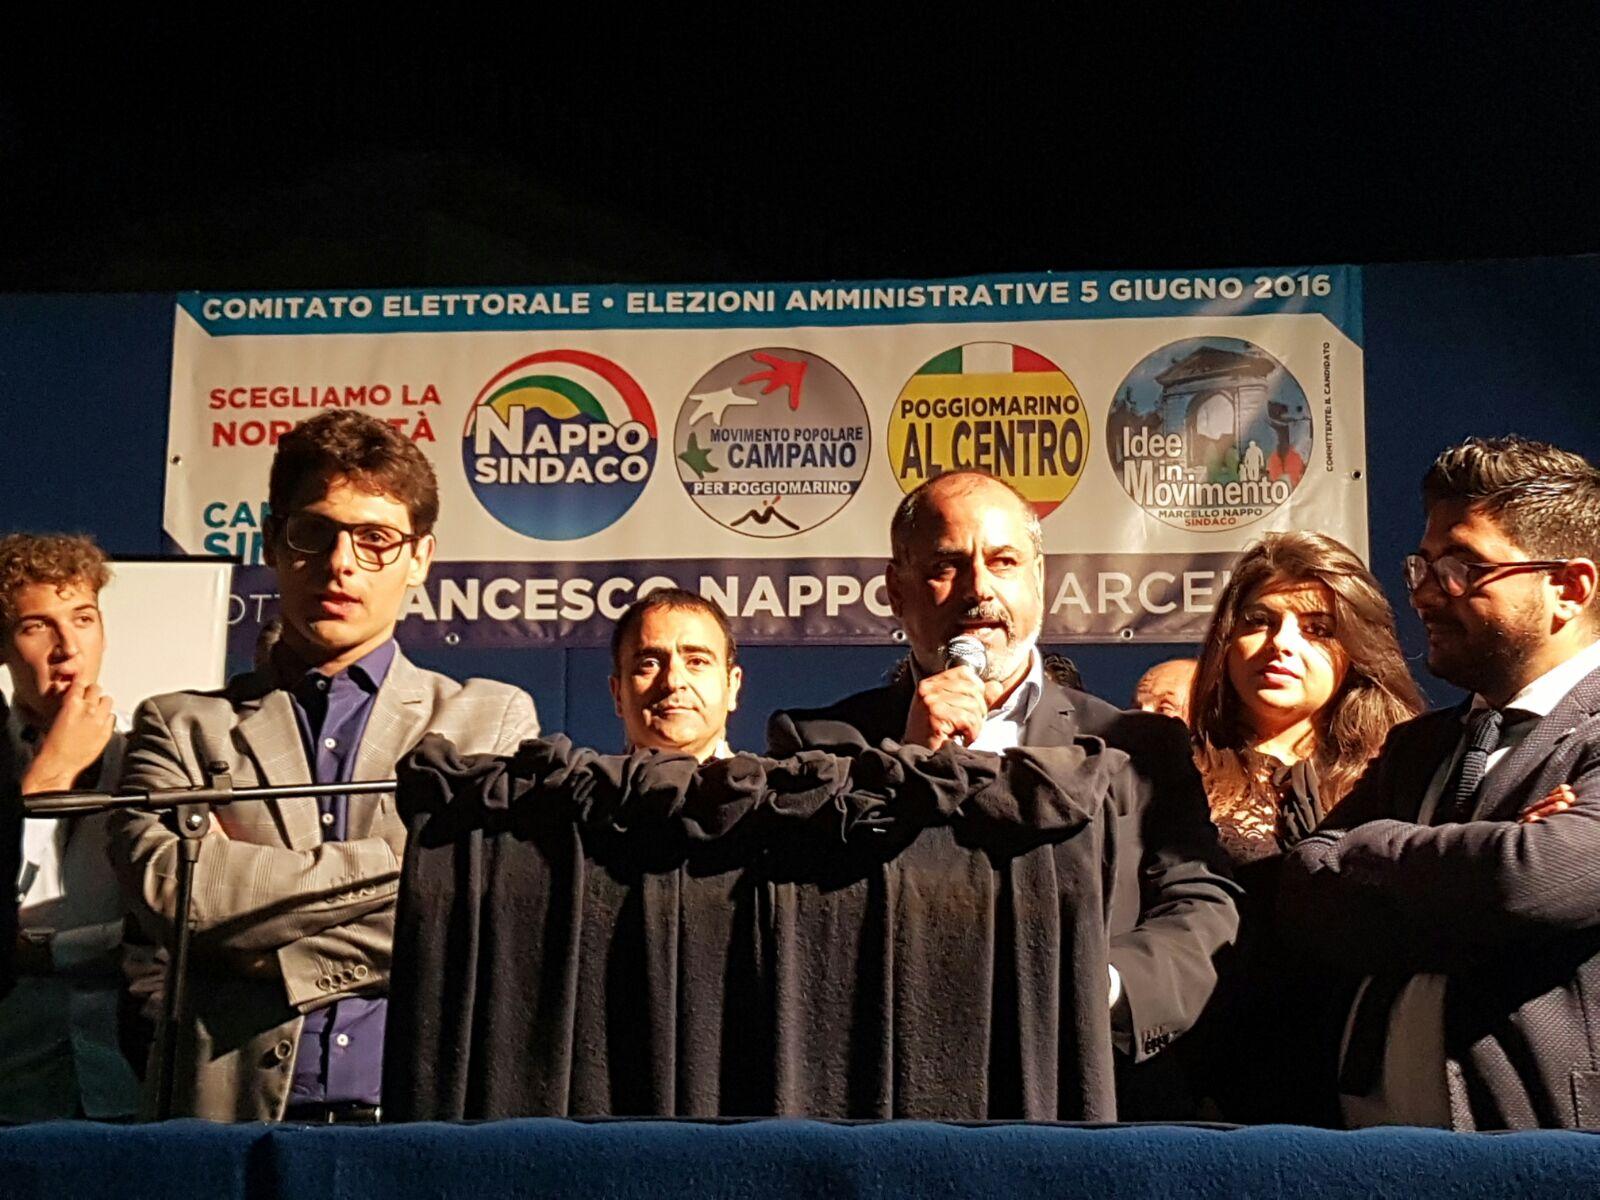 Marcello Nappo